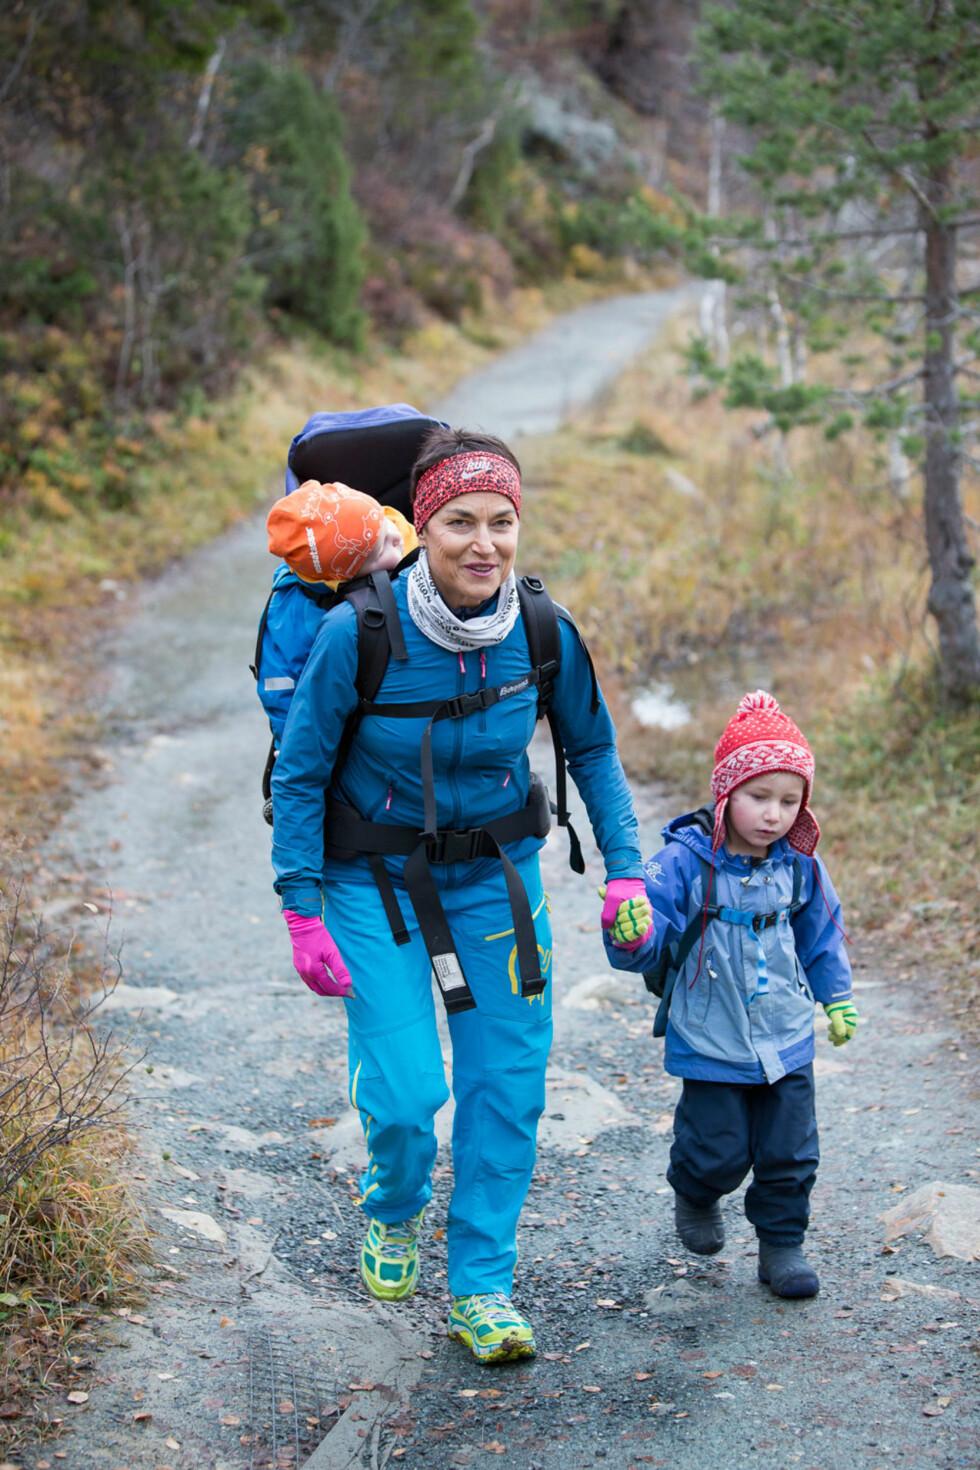 FARMOR MED OVERSKUDD: Farmor Ingvill-Merete Stedøy Johansen (58) er matematiker, lærer og lærebokforfatter. I tillegg er hun en av Norges sprekeste 58-åringer. Hun elsker å dra på tur med barnebarna Jens (1) og Even (4), og reiser til Trondheim så ofte hun kan for å besøke dem.  Foto: Ole Morten Melgård